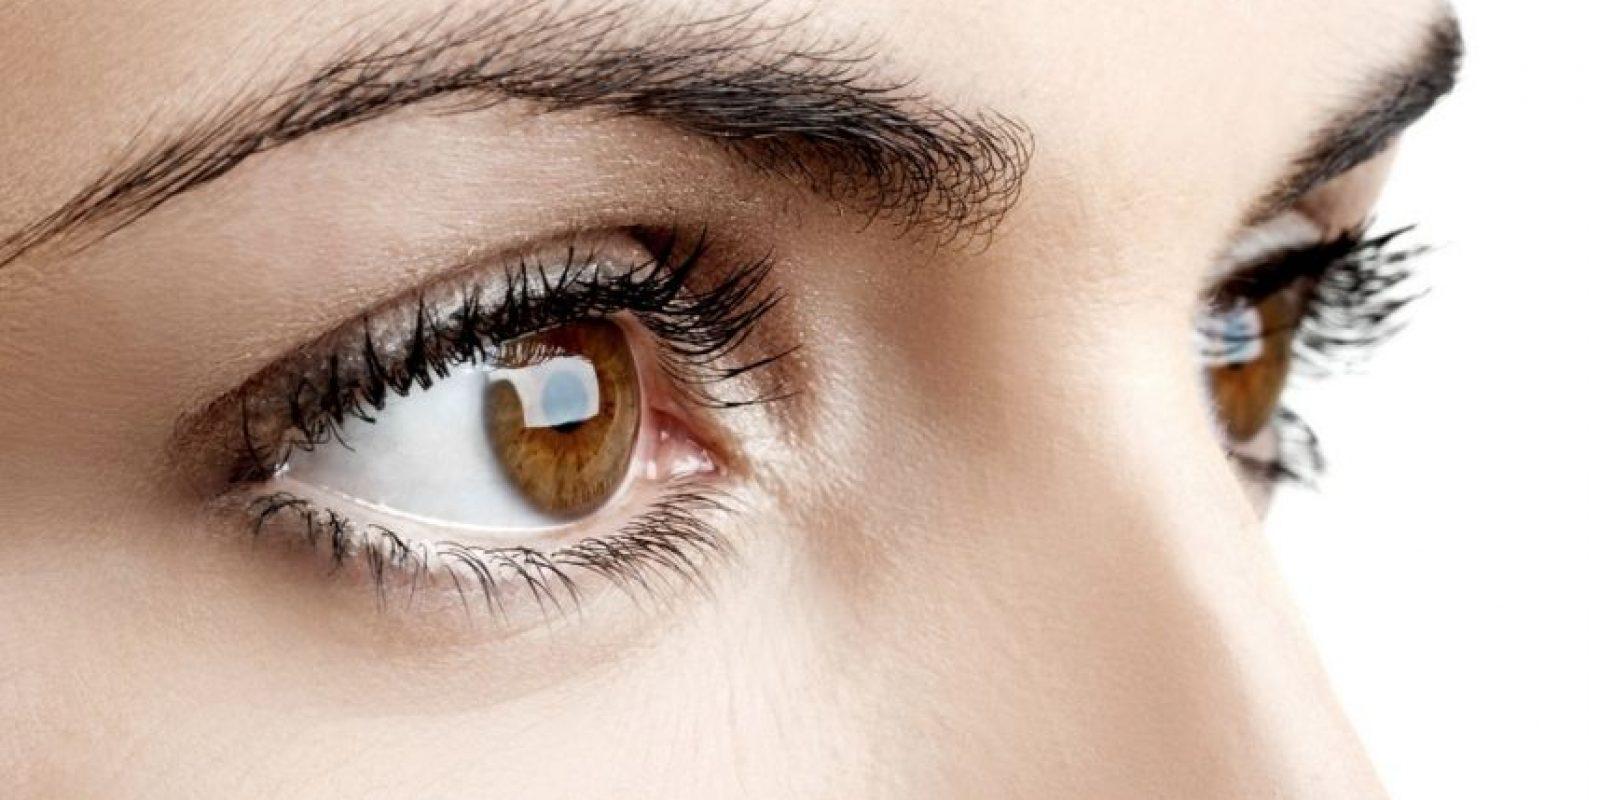 Es aconsejable acudir a un médico, ya que puede resultar una condición grave como la conjuntivitis, y glaucoma. Aunque también hay otras explicaciones, menos graves a menudo provocadas por su vida diaria. Foto:Pinterest